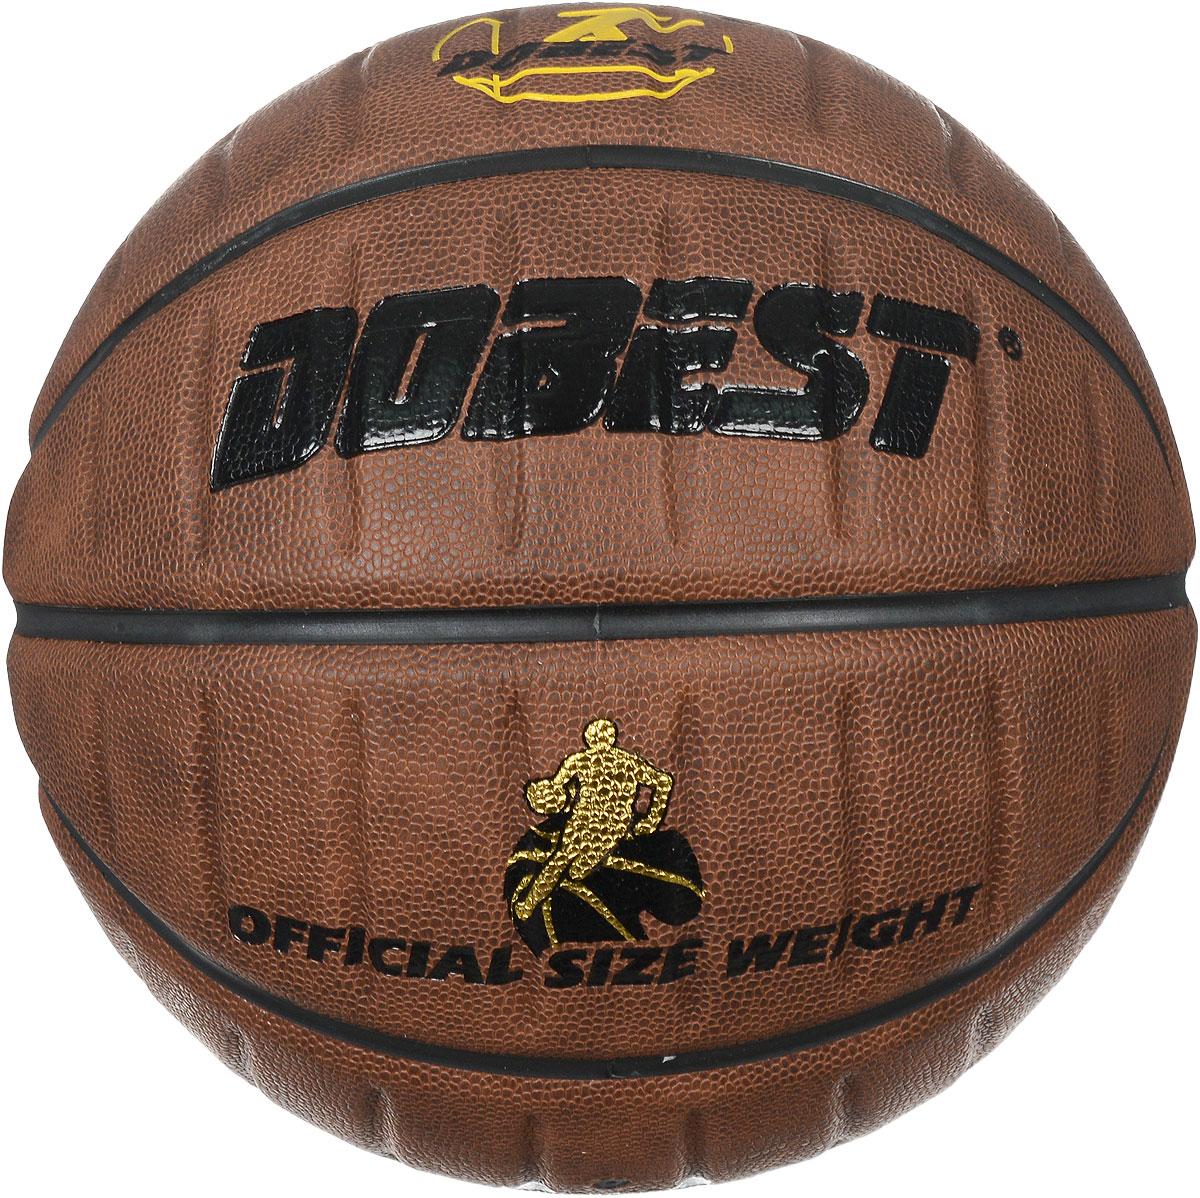 Мяч баскетбольный Dobest, цвет: коричневый. Размер 7PK200Баскетбольный мяч Dobest изготовлен с применением новейших технологий и с учетом всех особенностей человеческой кисти, что позволяет добиваться невероятных результатов во время матча. Покрытие из высококачественной синтетической кожи впитывает влагу с ладоней, что способствует максимальному контролю над мячом. Глубокие каналы позволяют более четко ощущать пальцами поверхность мяча. Количество панелей: 8. Количество слоев: 4. Вес: 600-620 г. УВАЖЕМЫЕ КЛИЕНТЫ! Обращаем ваше внимание на тот факт, что мяч поставляется в сдутом виде. Насос не входит в комплект.